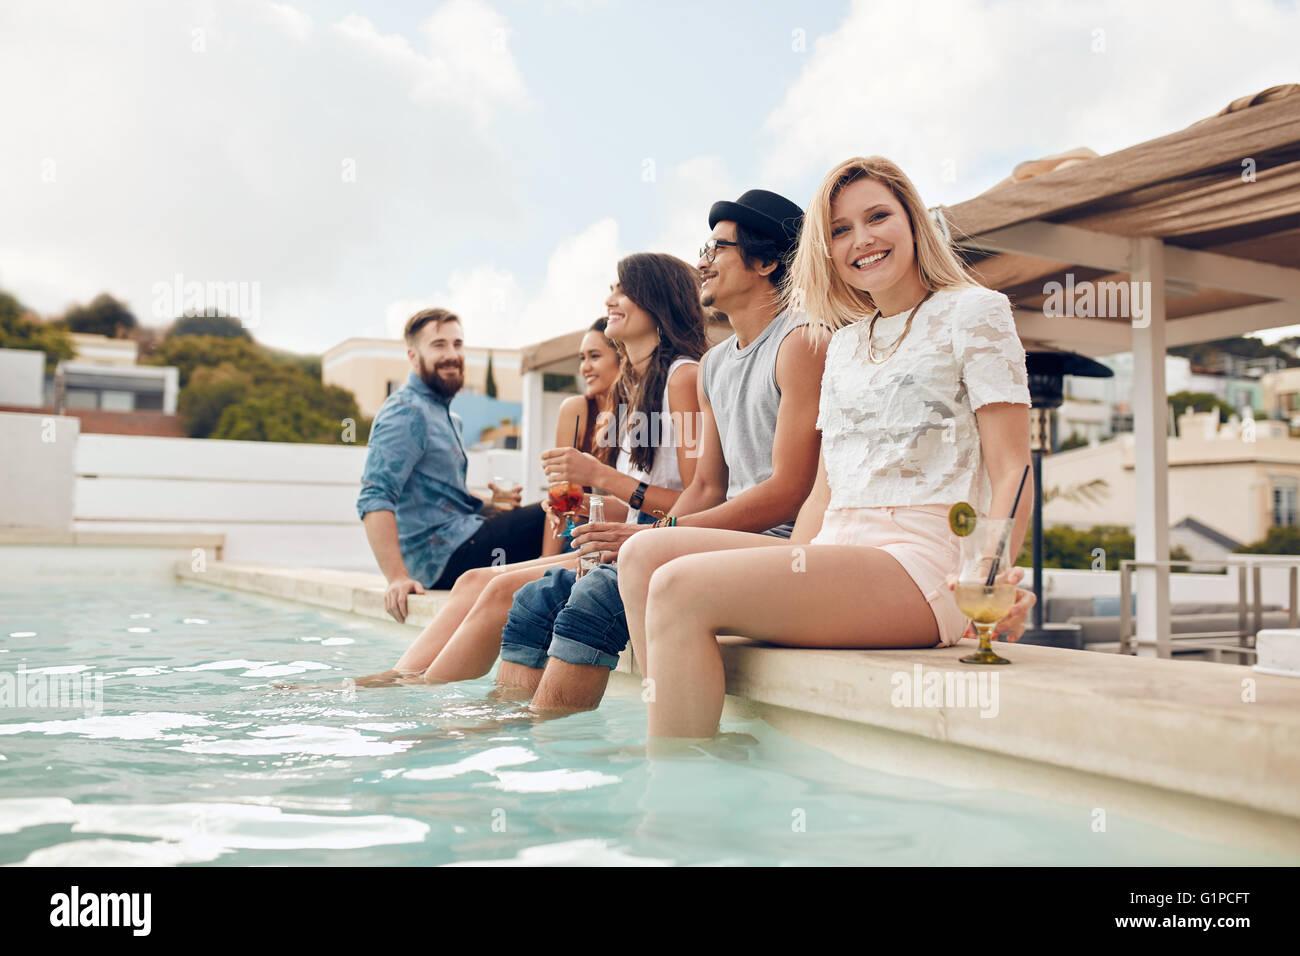 Portrait de jeune femme assise au bord de la piscine avec ses amis à faire la fête. Les jeunes à Photo Stock